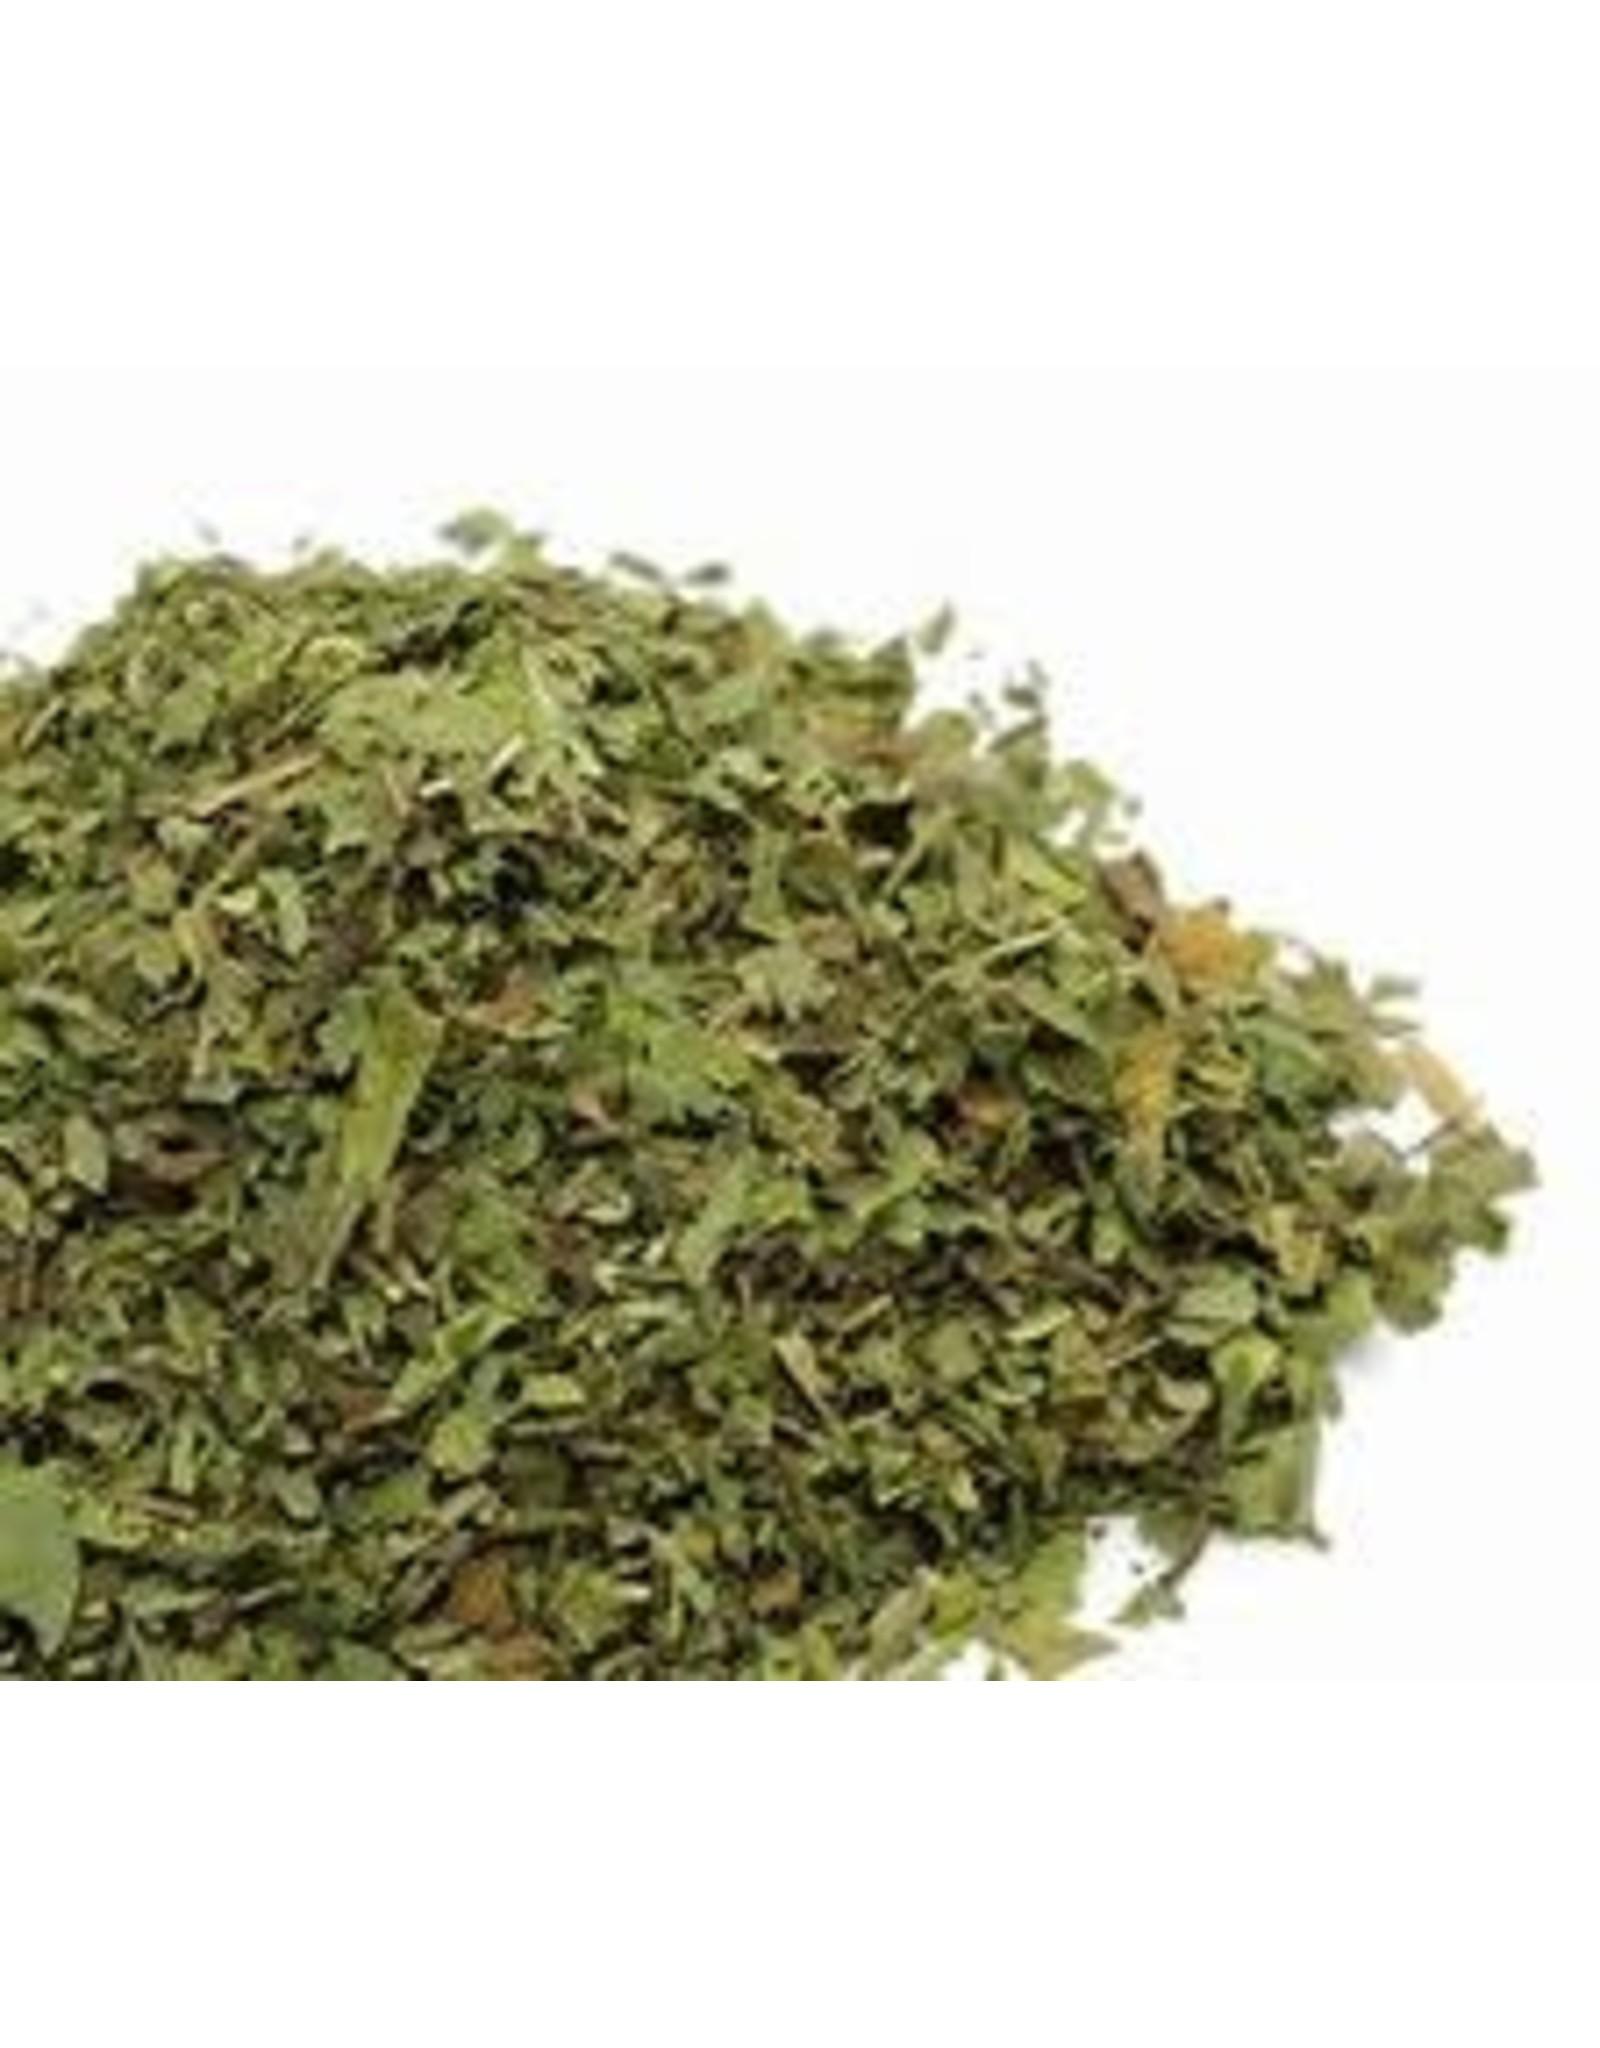 Peppermint Leaf 1 oz